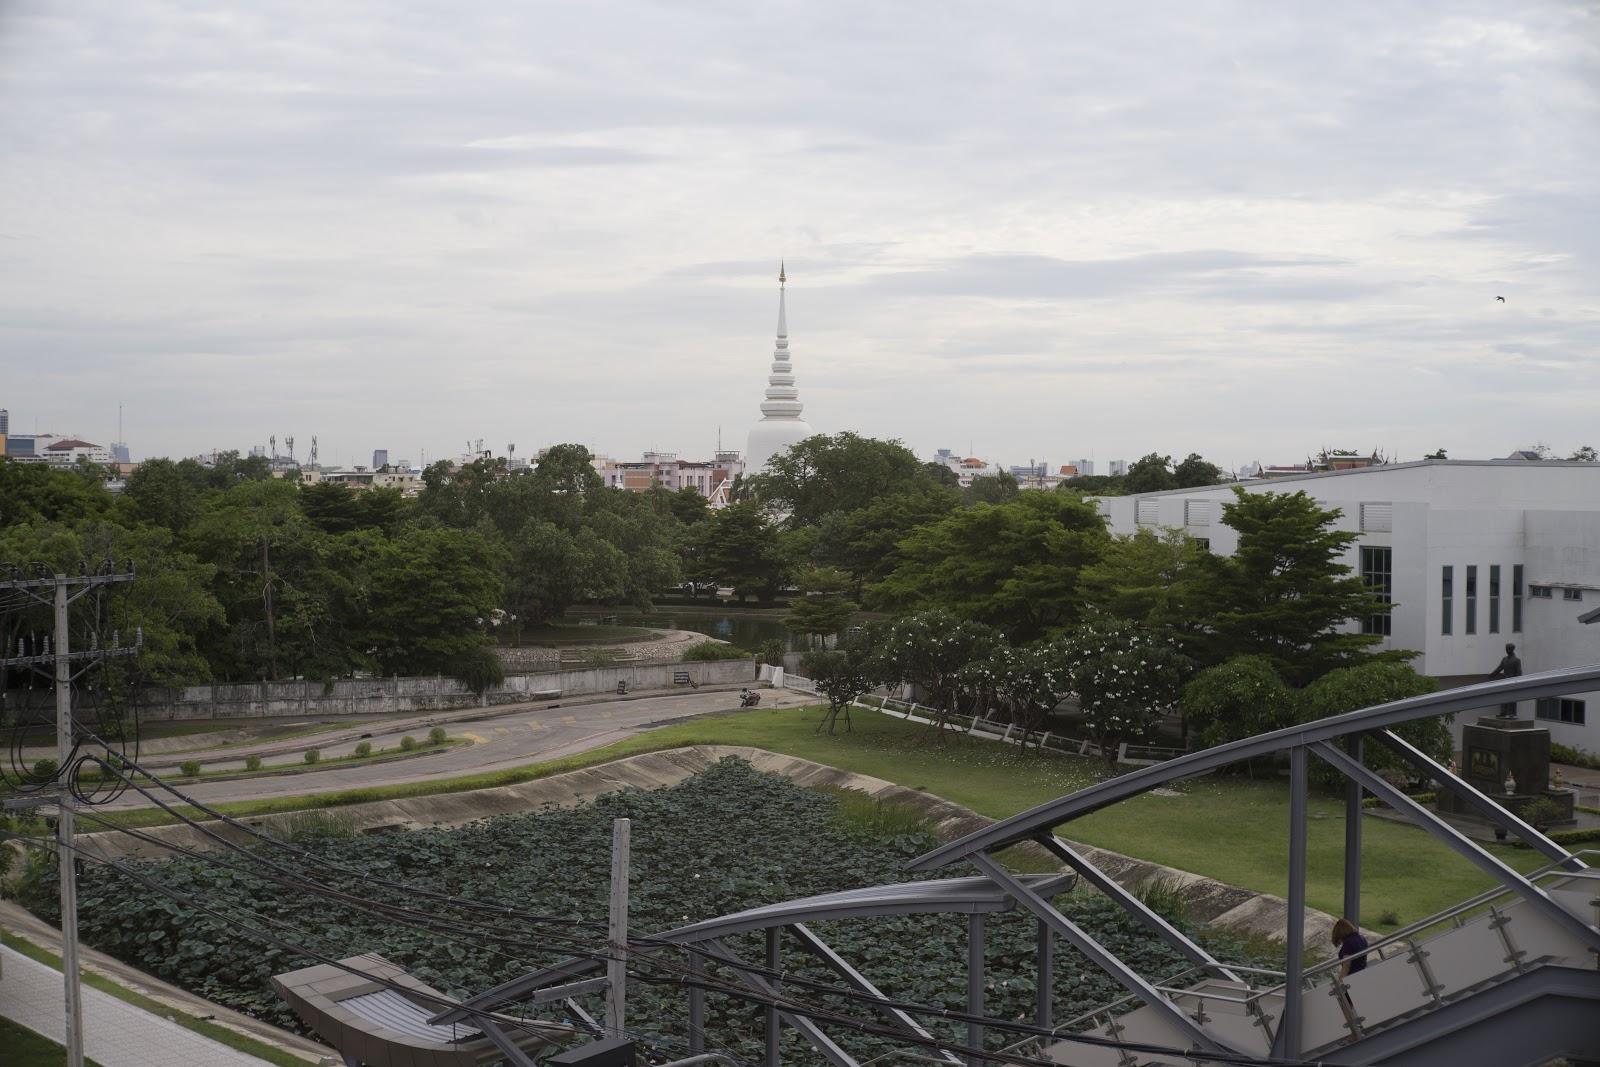 บรรยากาศวัดพระศรีมหาธาตุเมื่อมองจากสถานีรถไฟฟ้า